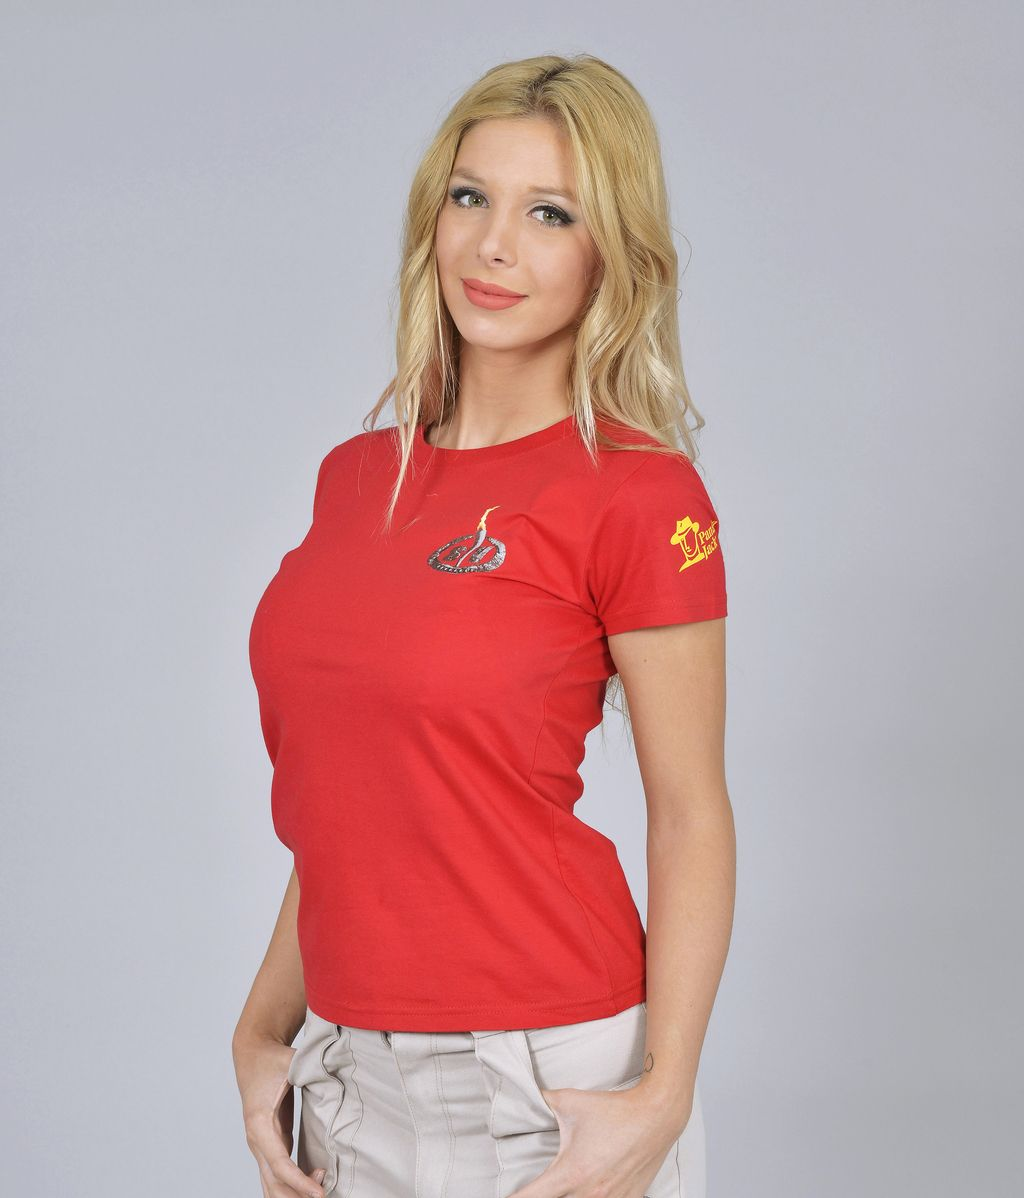 Romina Malaspina